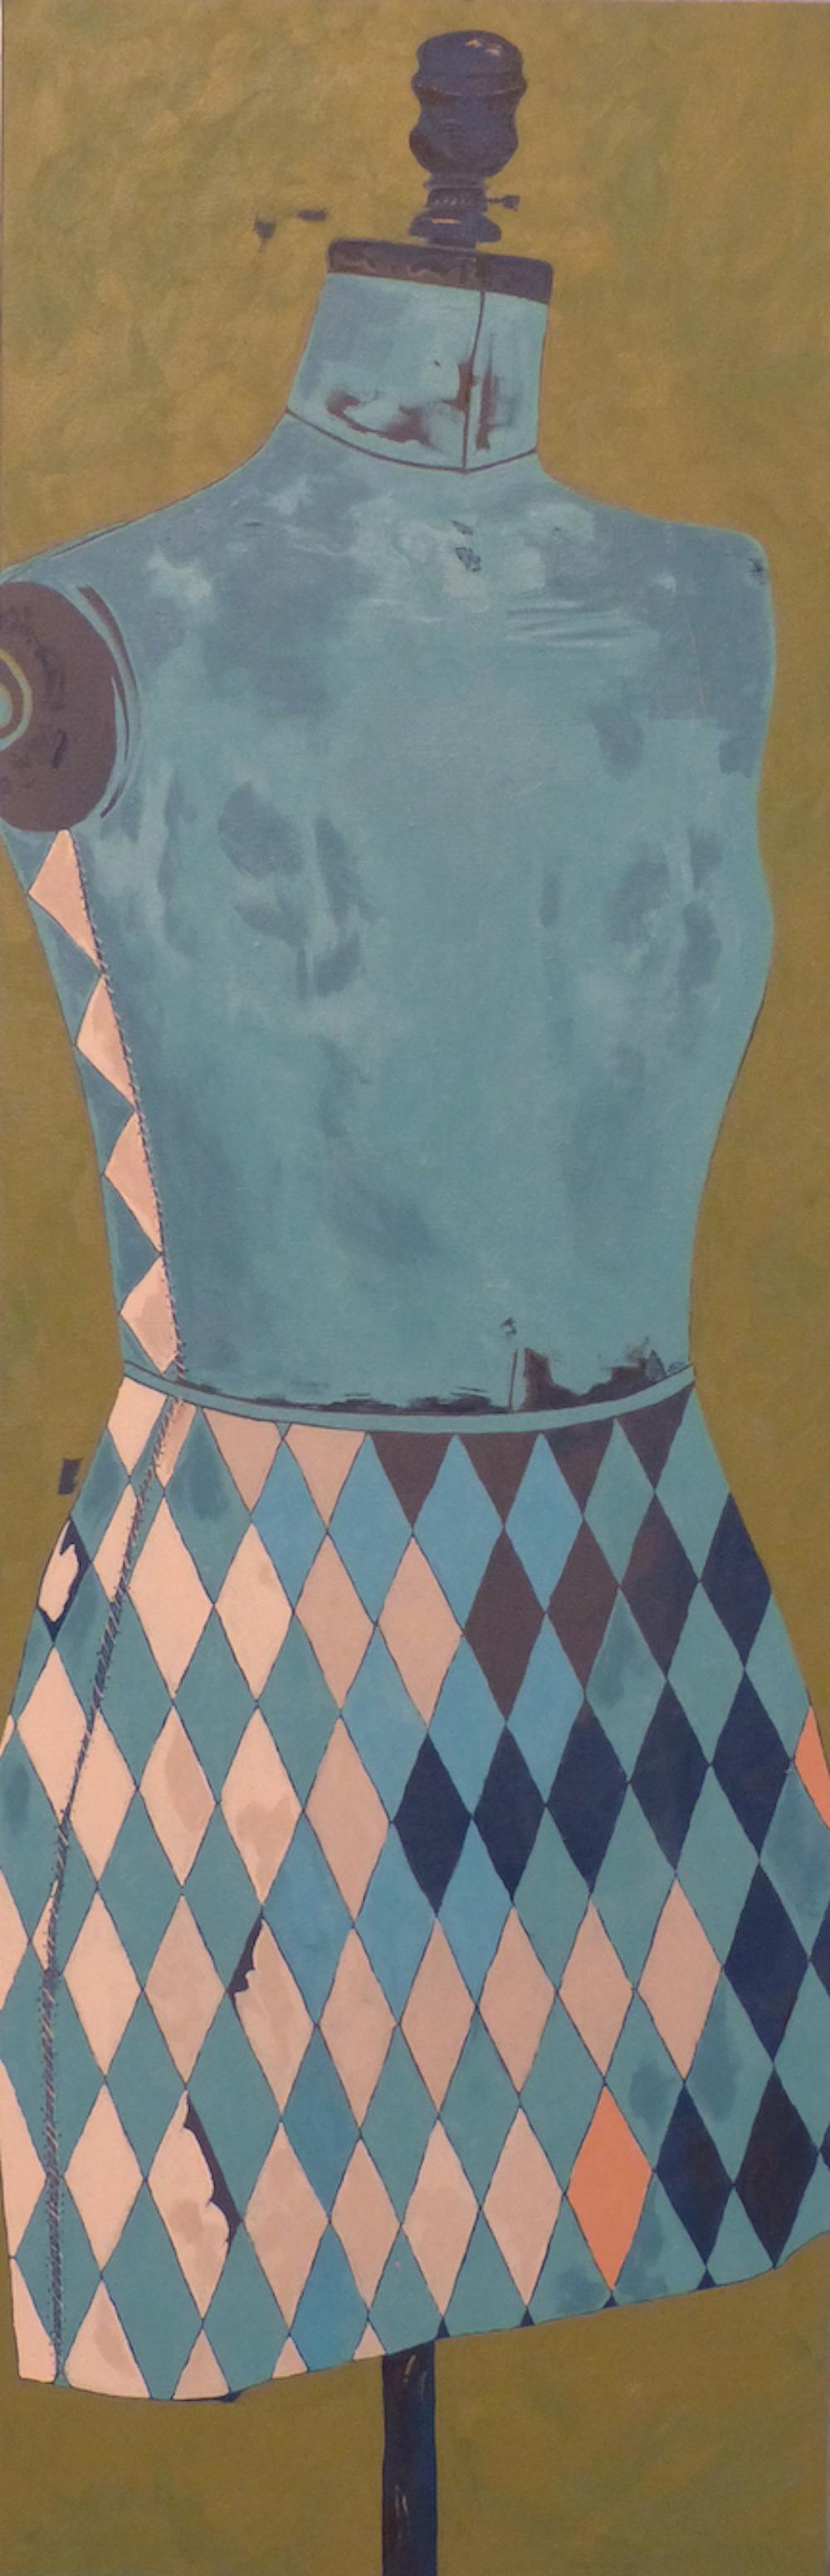 Jacquard Pattern Dressmaker's Form Size 16